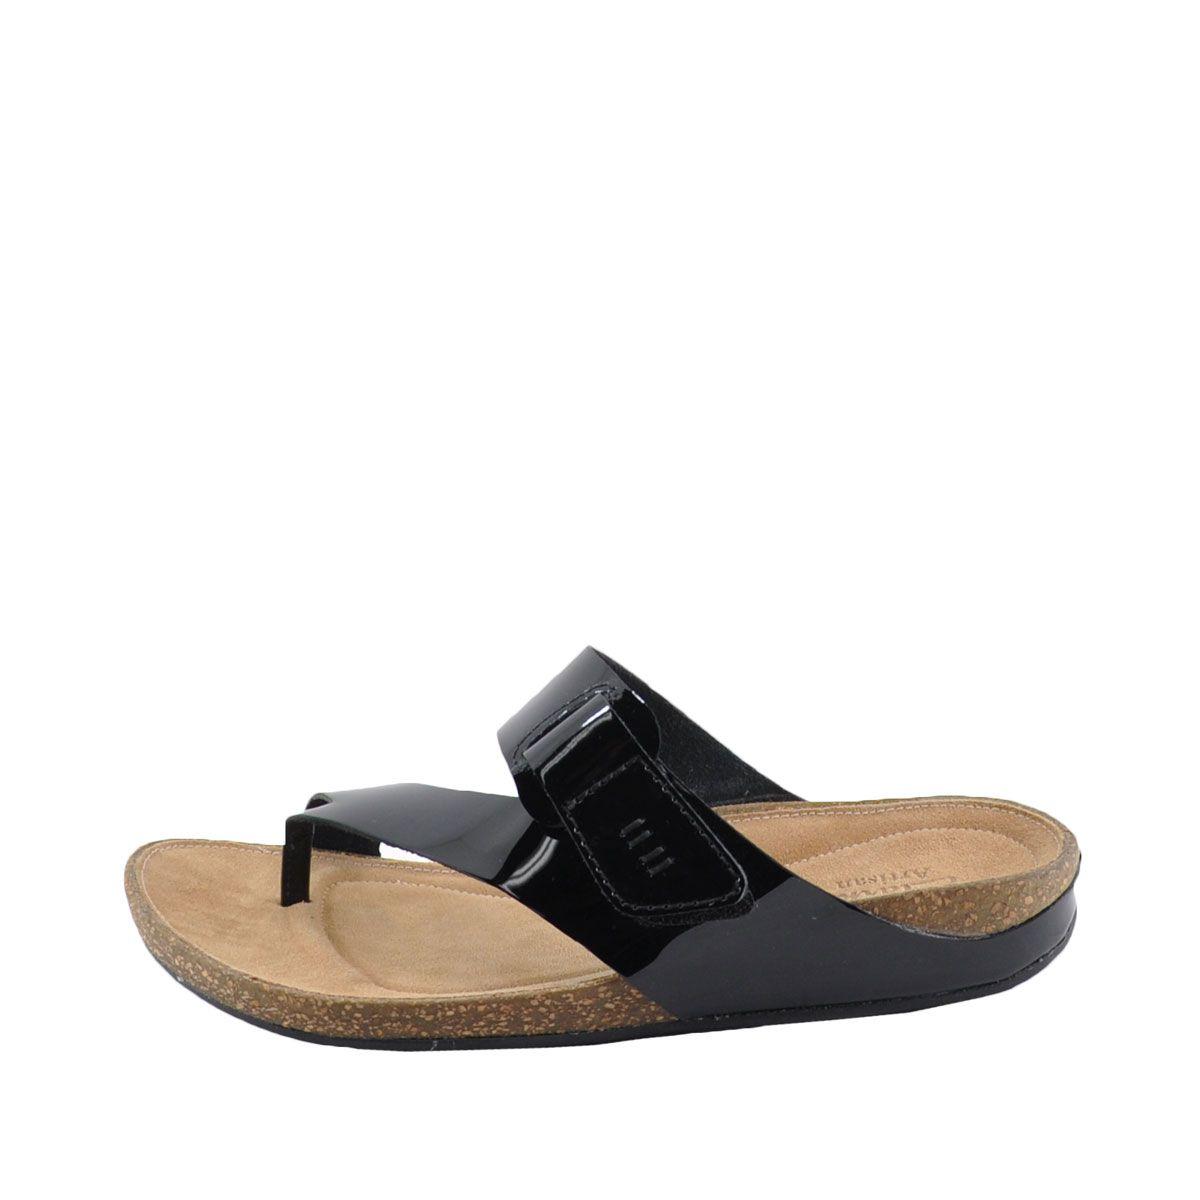 e97725008692 Clarks Women s Perri Coast Cork Sandals